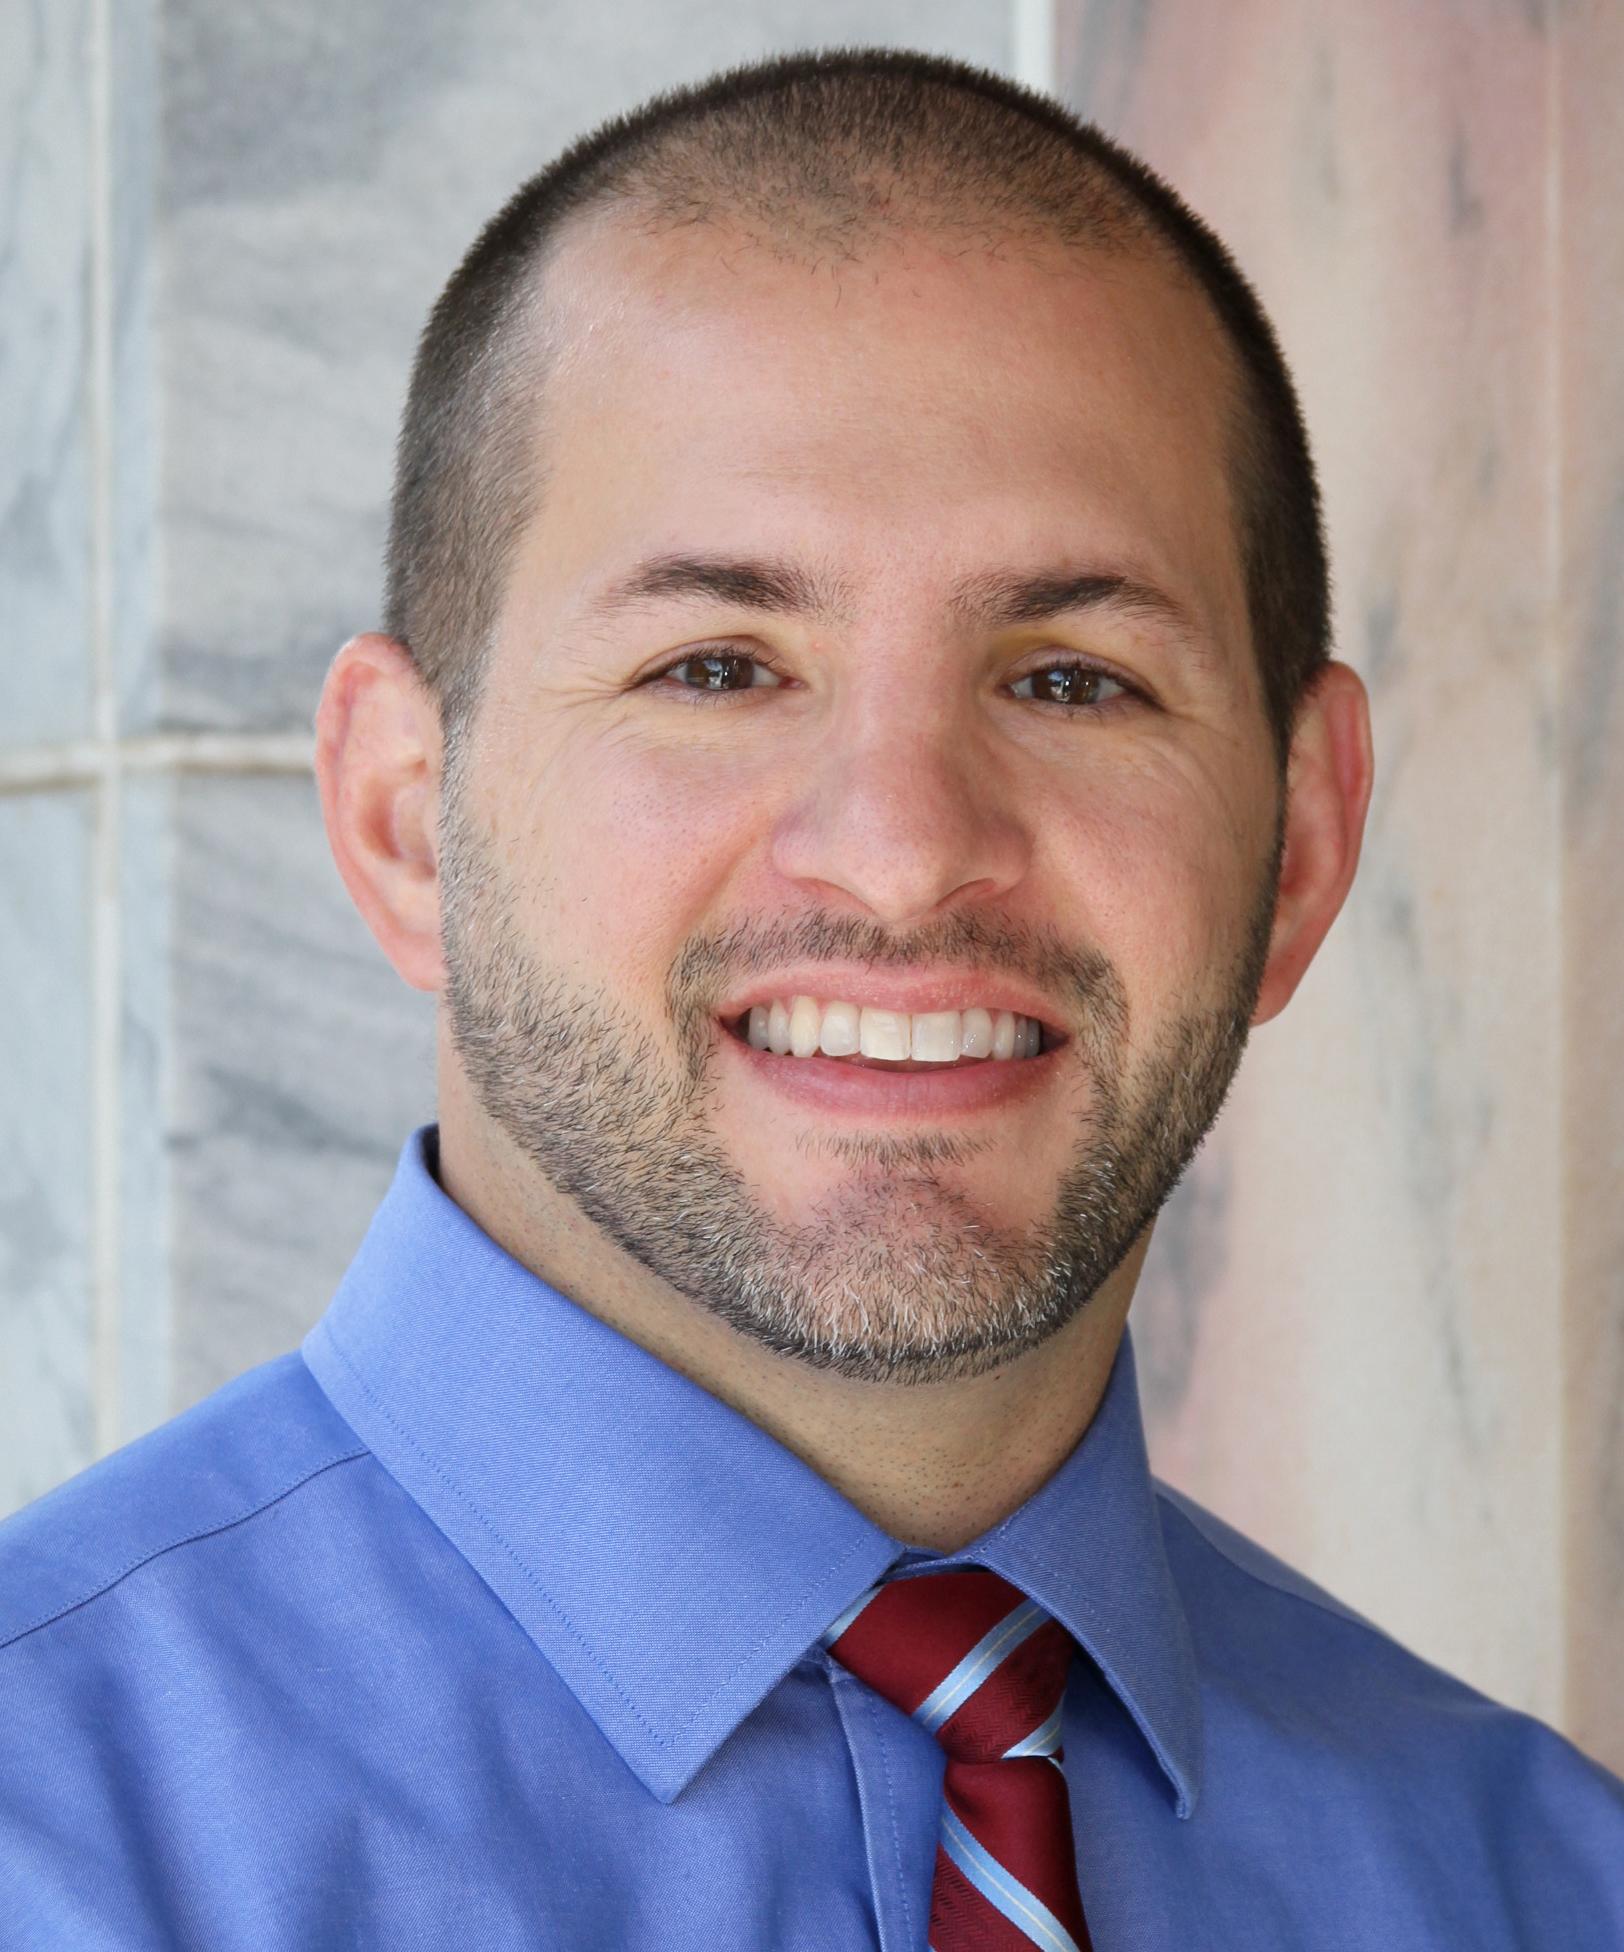 Kyle Bradley, M.D., M.S.